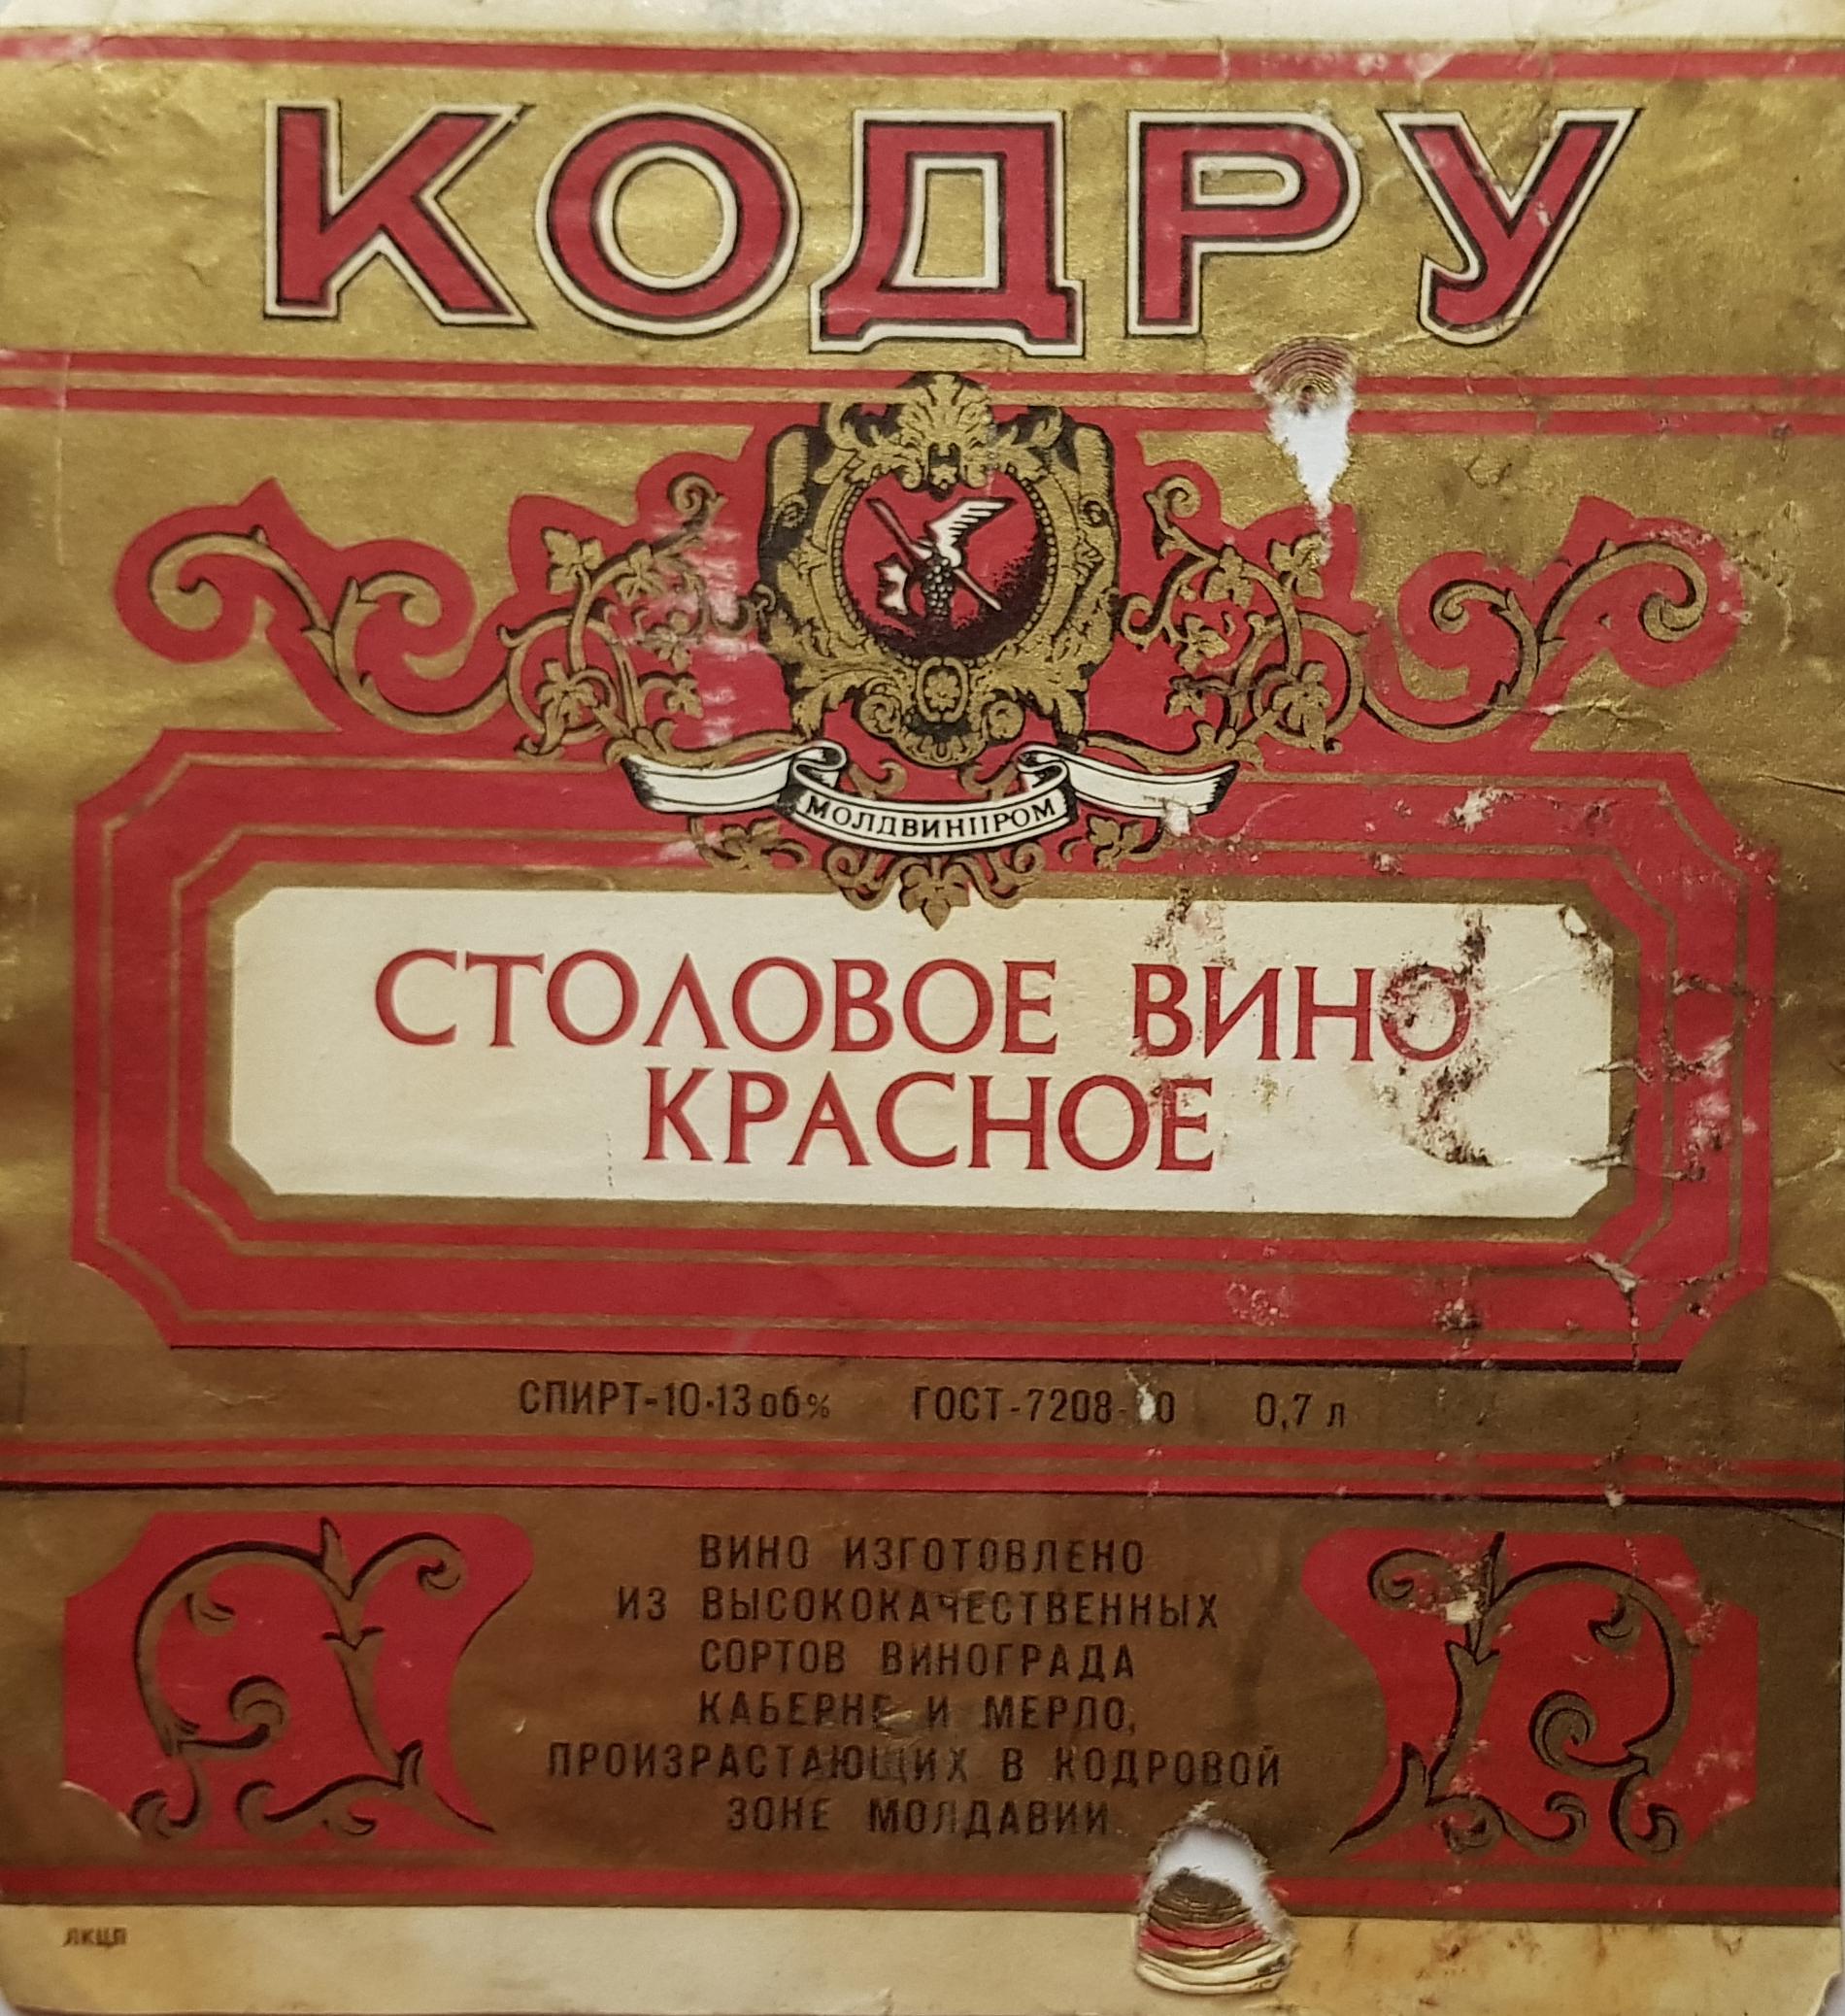 Столовое вино: что это значит, чем отличается от обычного